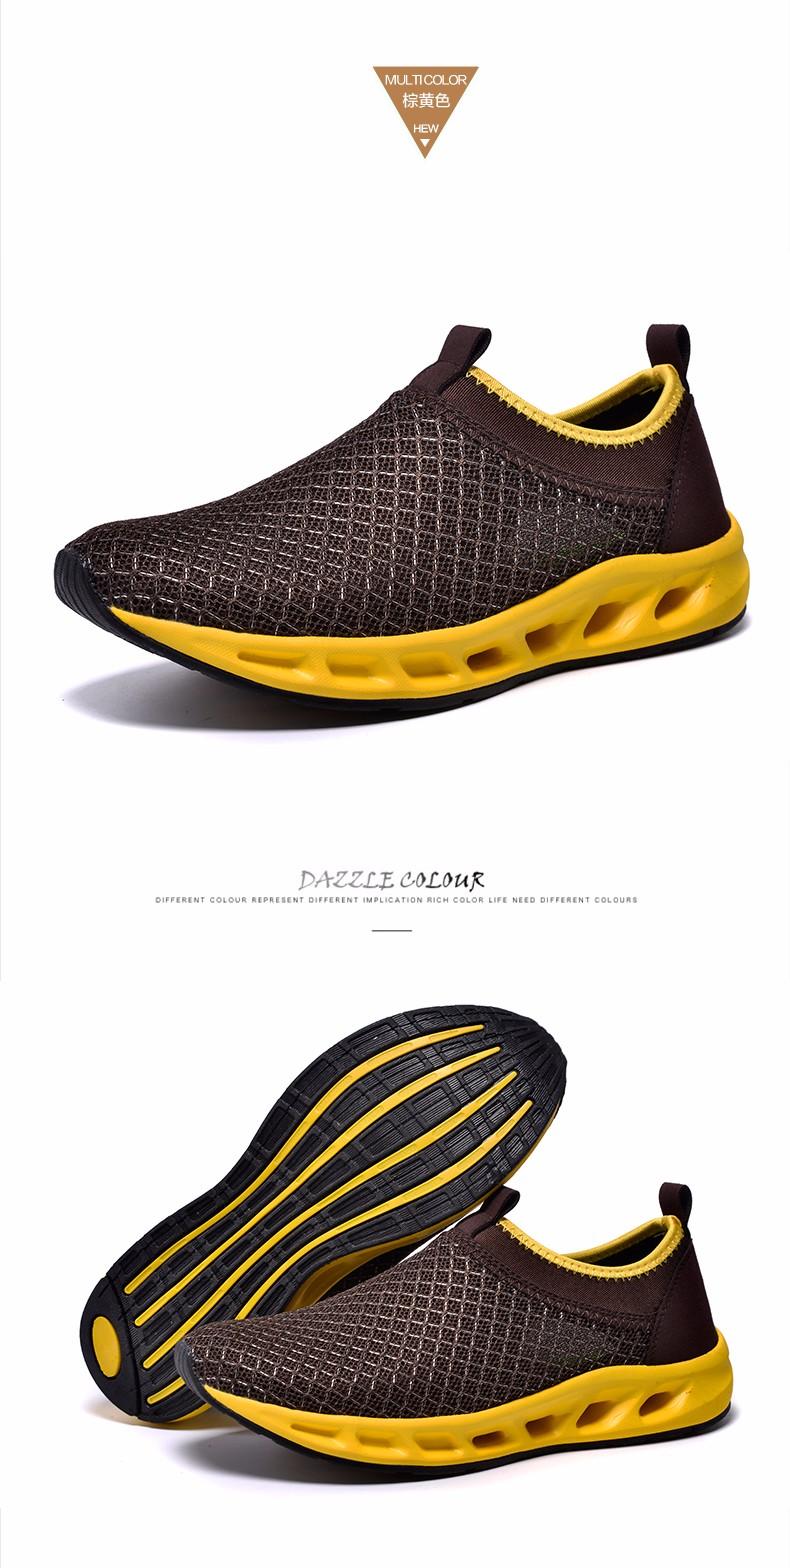 Размер 37-48 Mesh Мужская Обувь Мода Лето Мужчины Повседневная Обувь Мода Открытый Досуг Обувь Дышащая Вода Пляж Мужчины обувь Синий